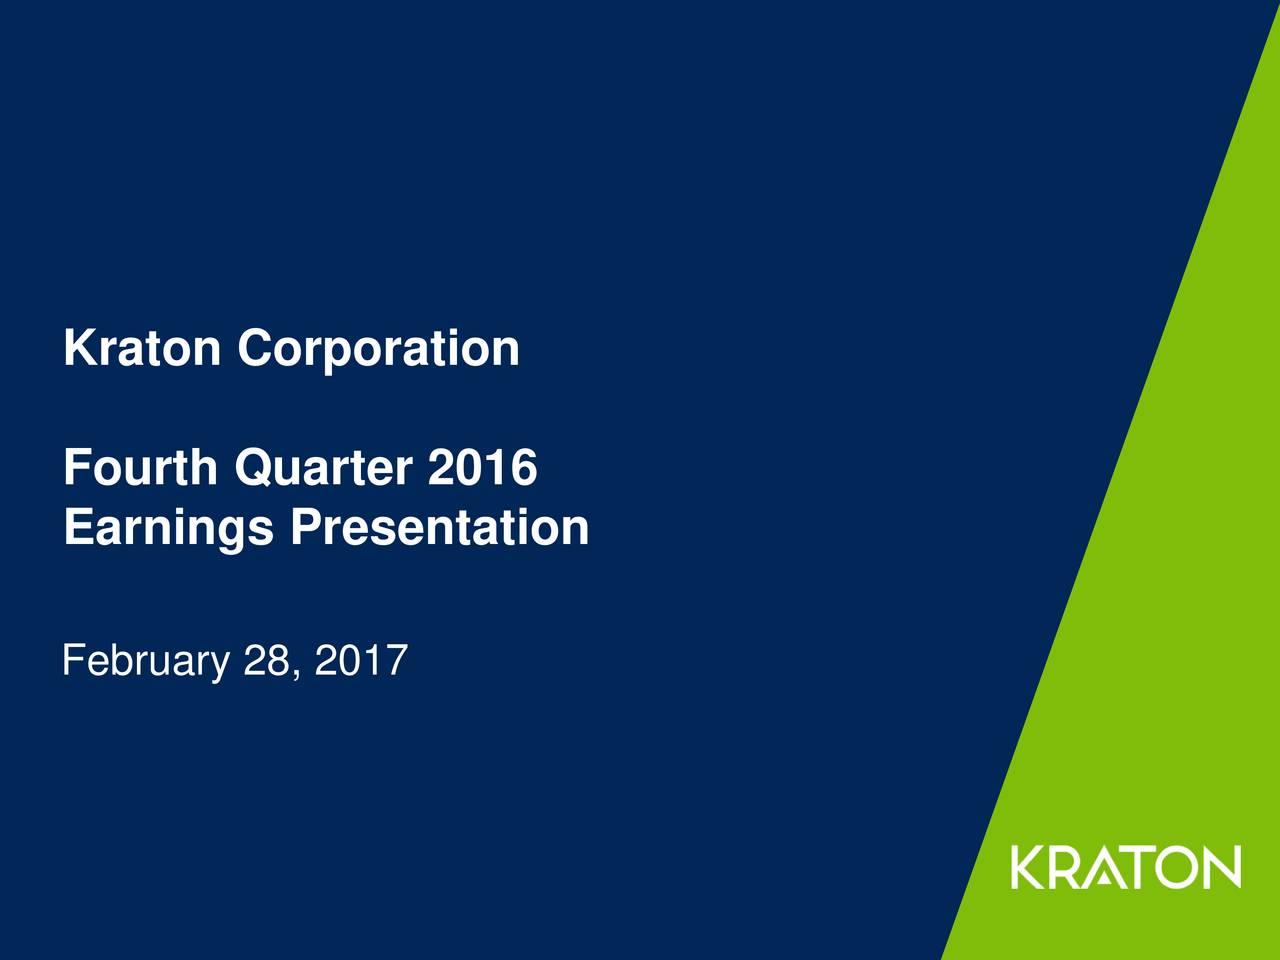 Fourth Quarter 2016 Earnings Presentation February 28, 2017